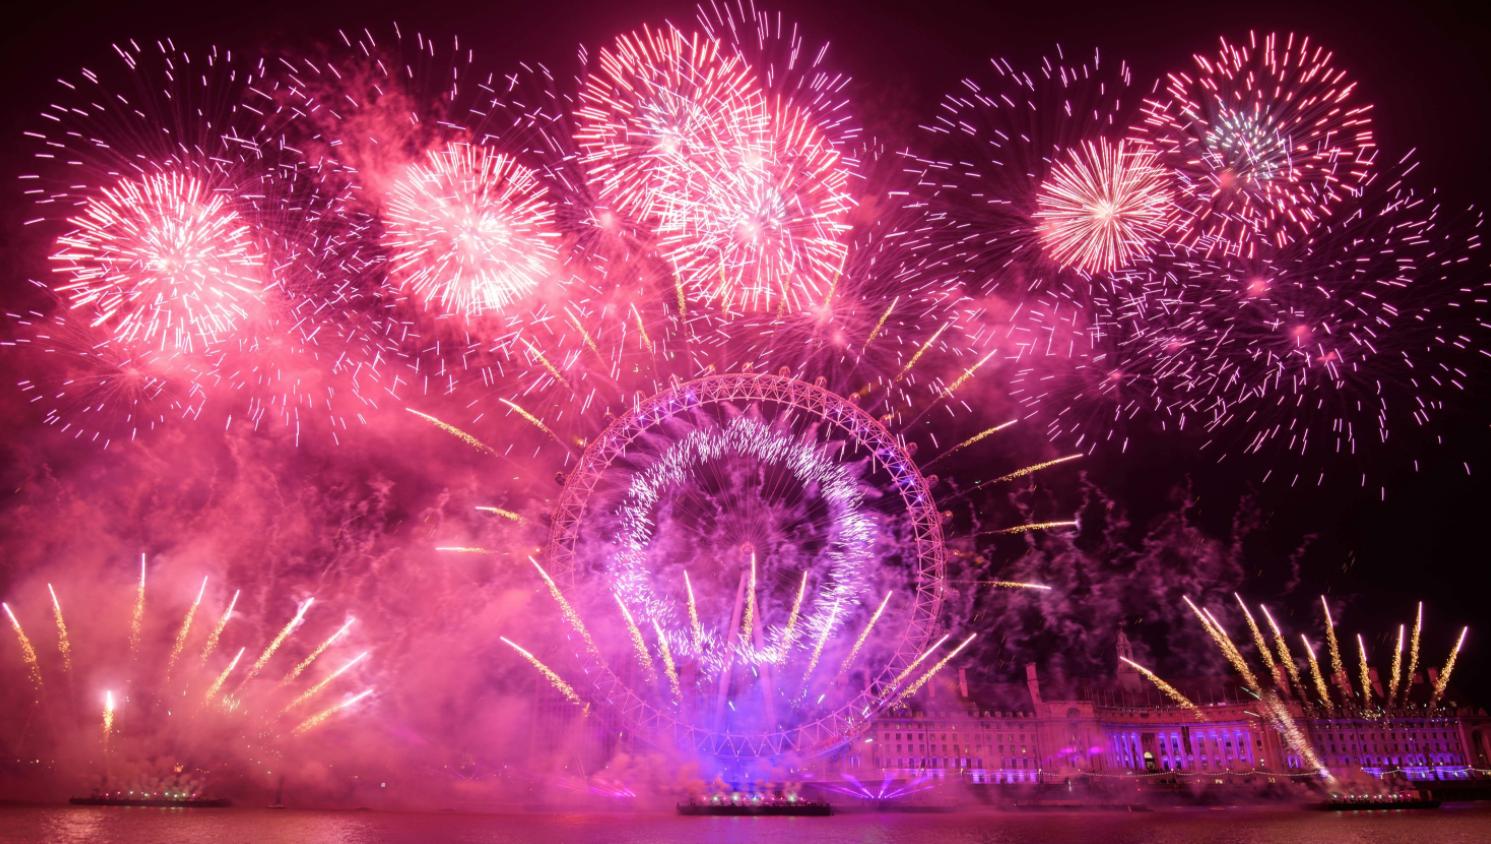 ロンドンの大みそか花火、2020年は中止